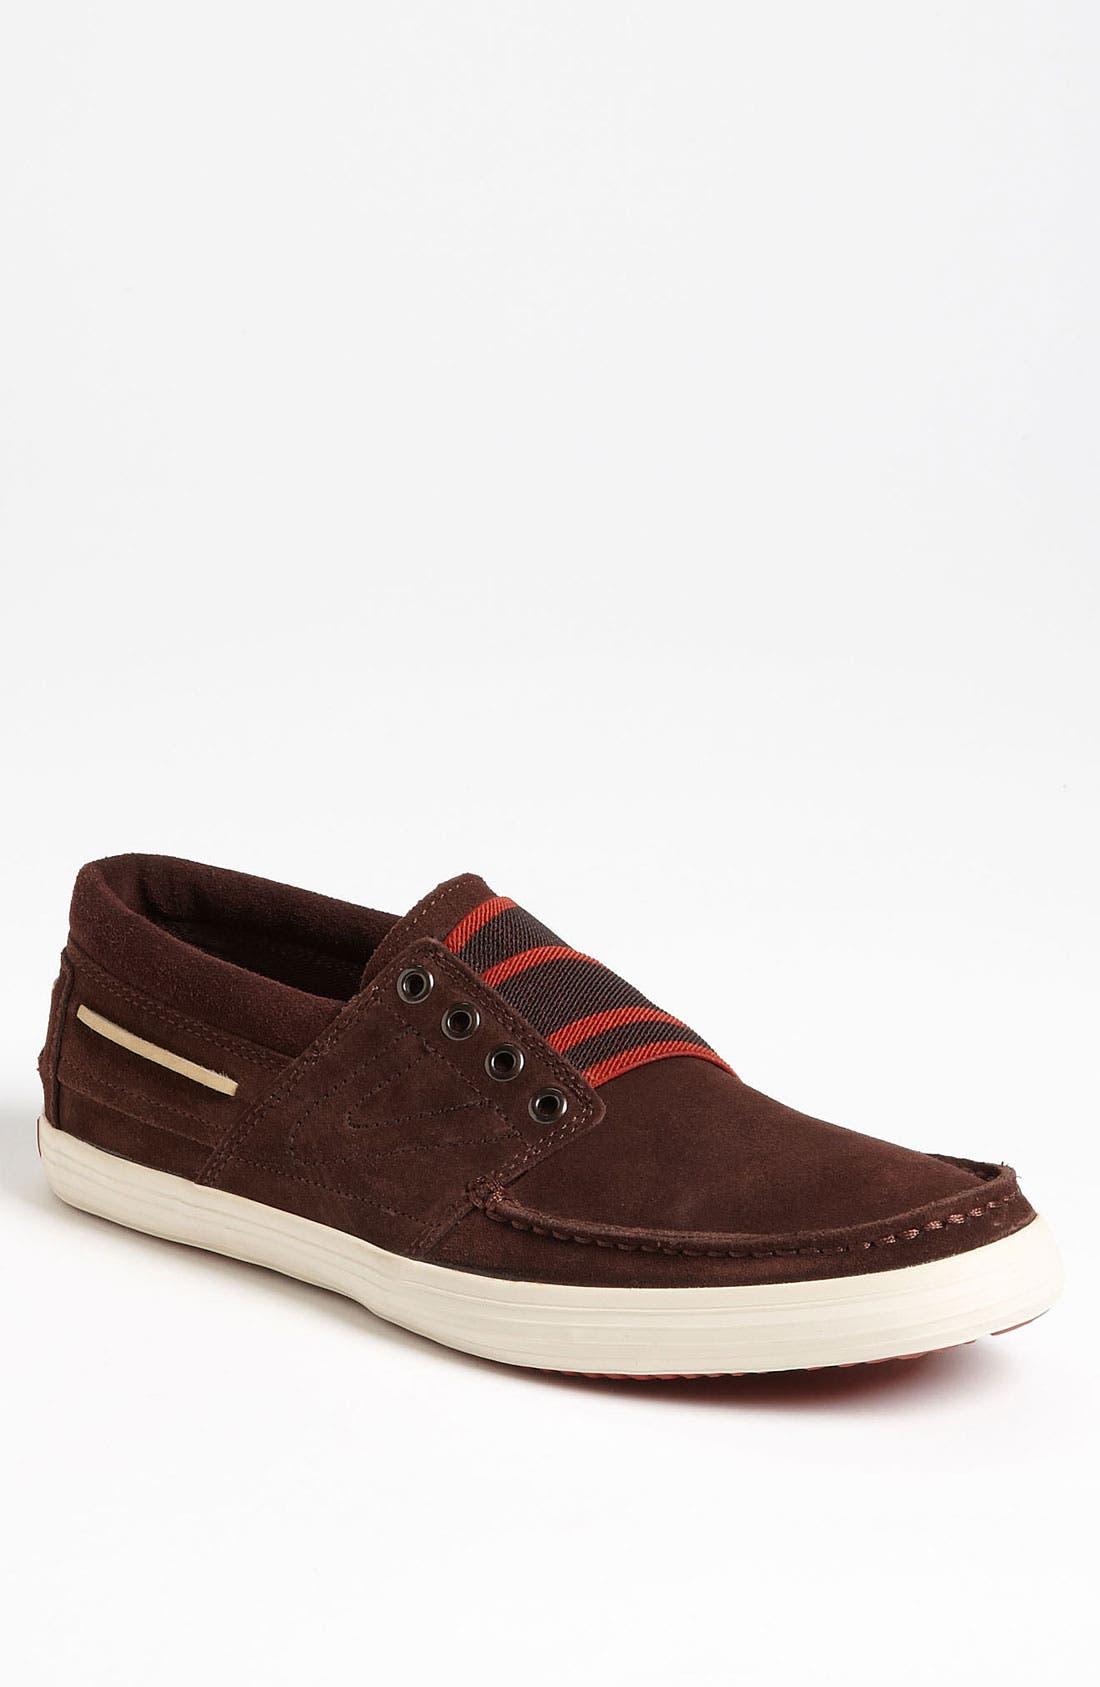 Alternate Image 1 Selected - Tretorn 'Bligh' Sneaker